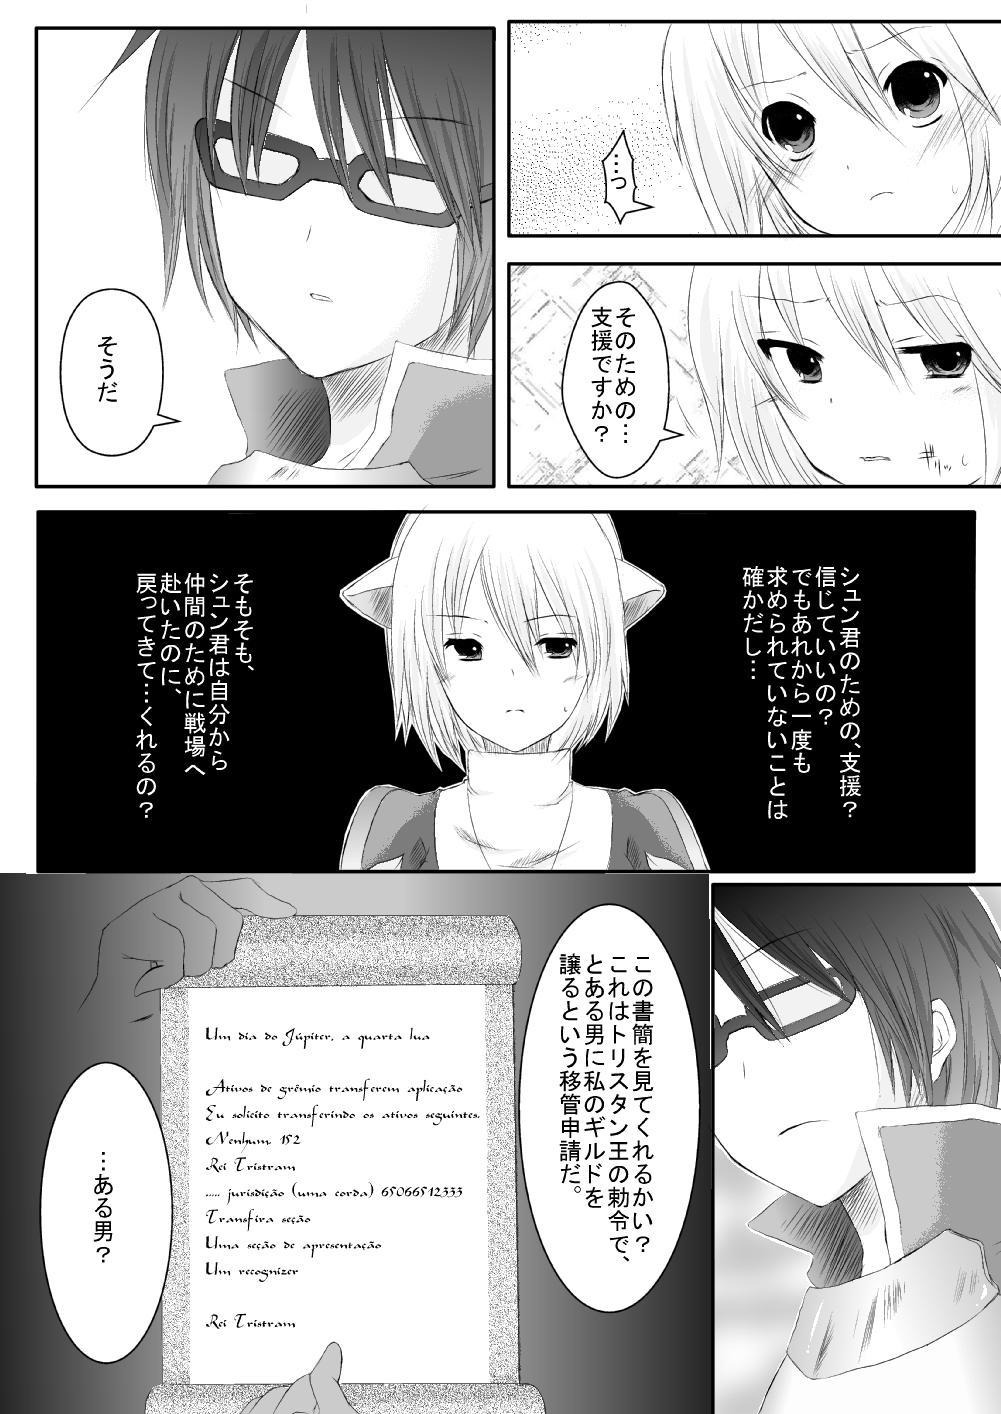 ラ○ナロク素プリ寝取られ本総集編 85